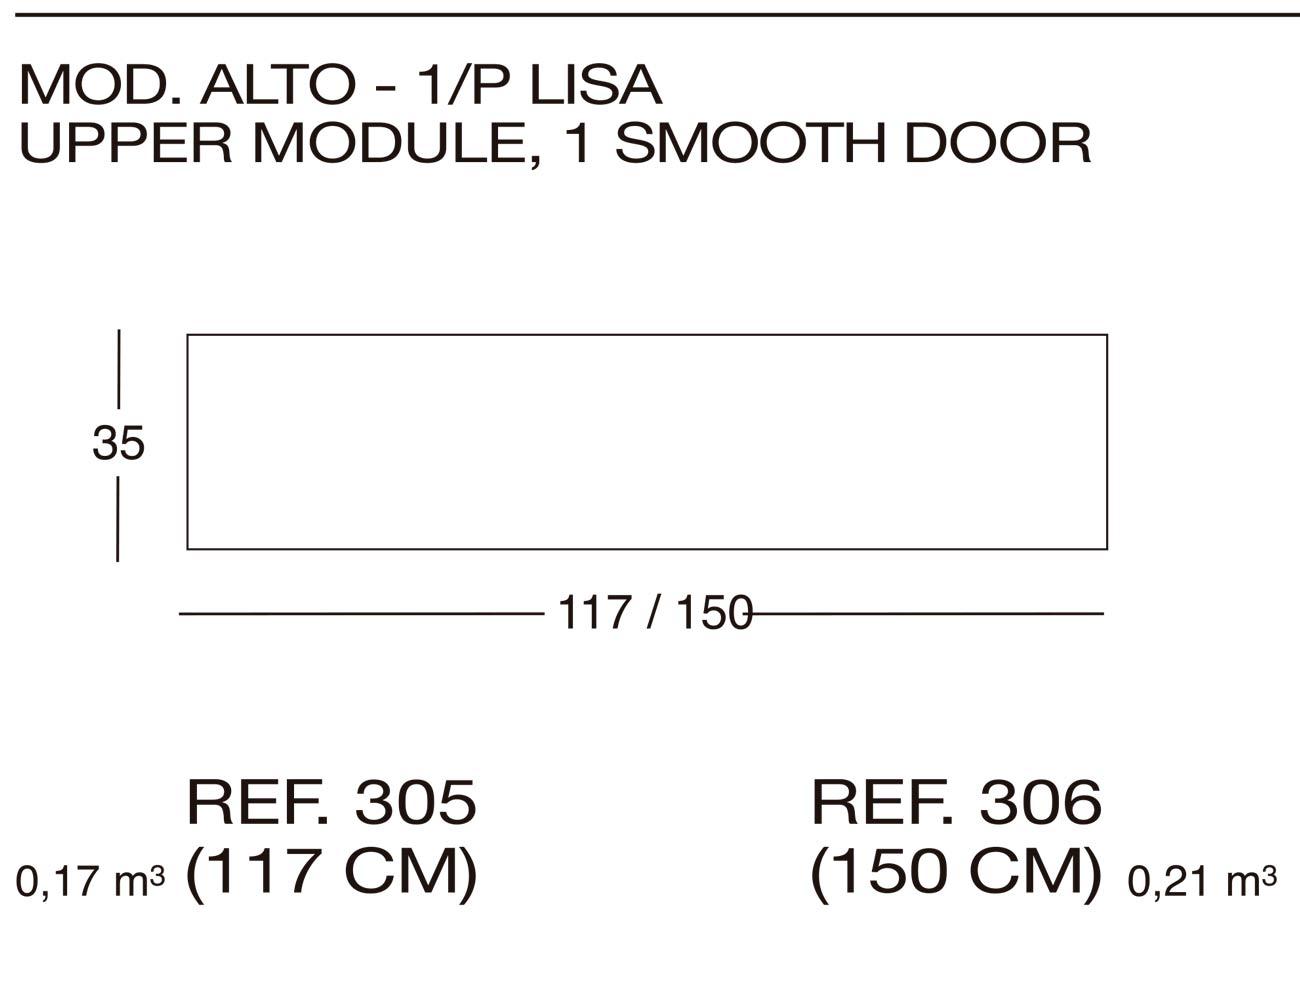 Modulo alto 305